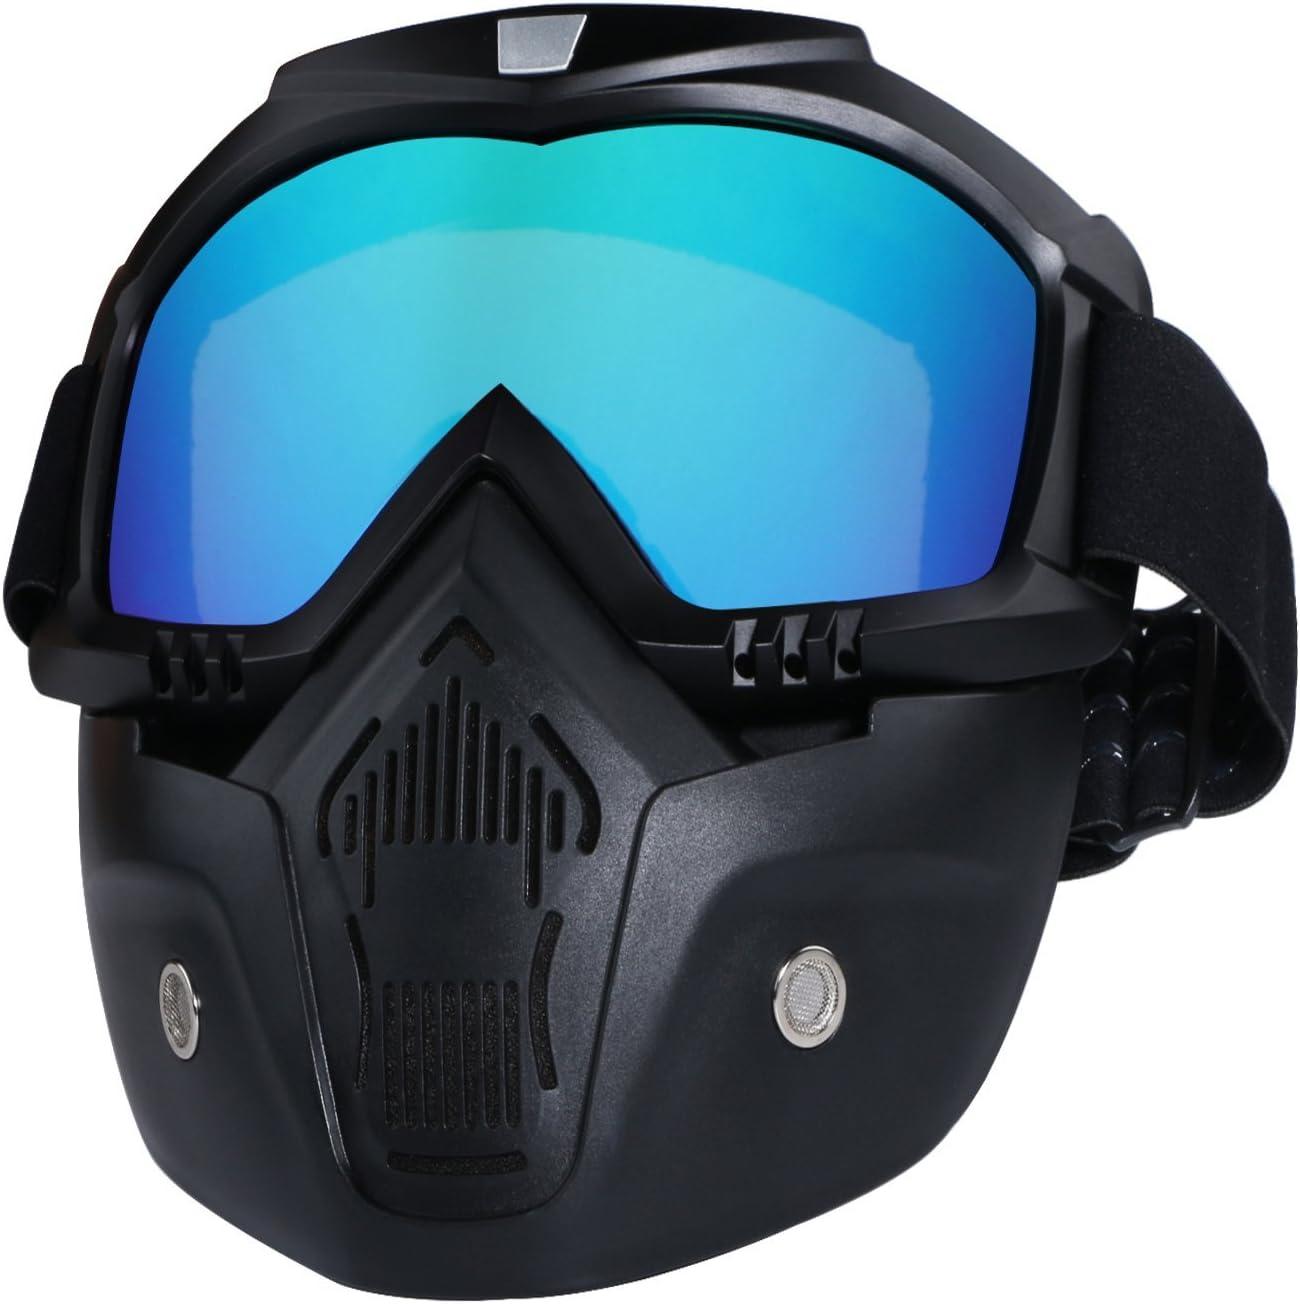 Casco de motocicleta con gafas extraíbles, lentes antivaho, filtro en la boca, correa antideslizante ajustable, estilo vintage, colorful